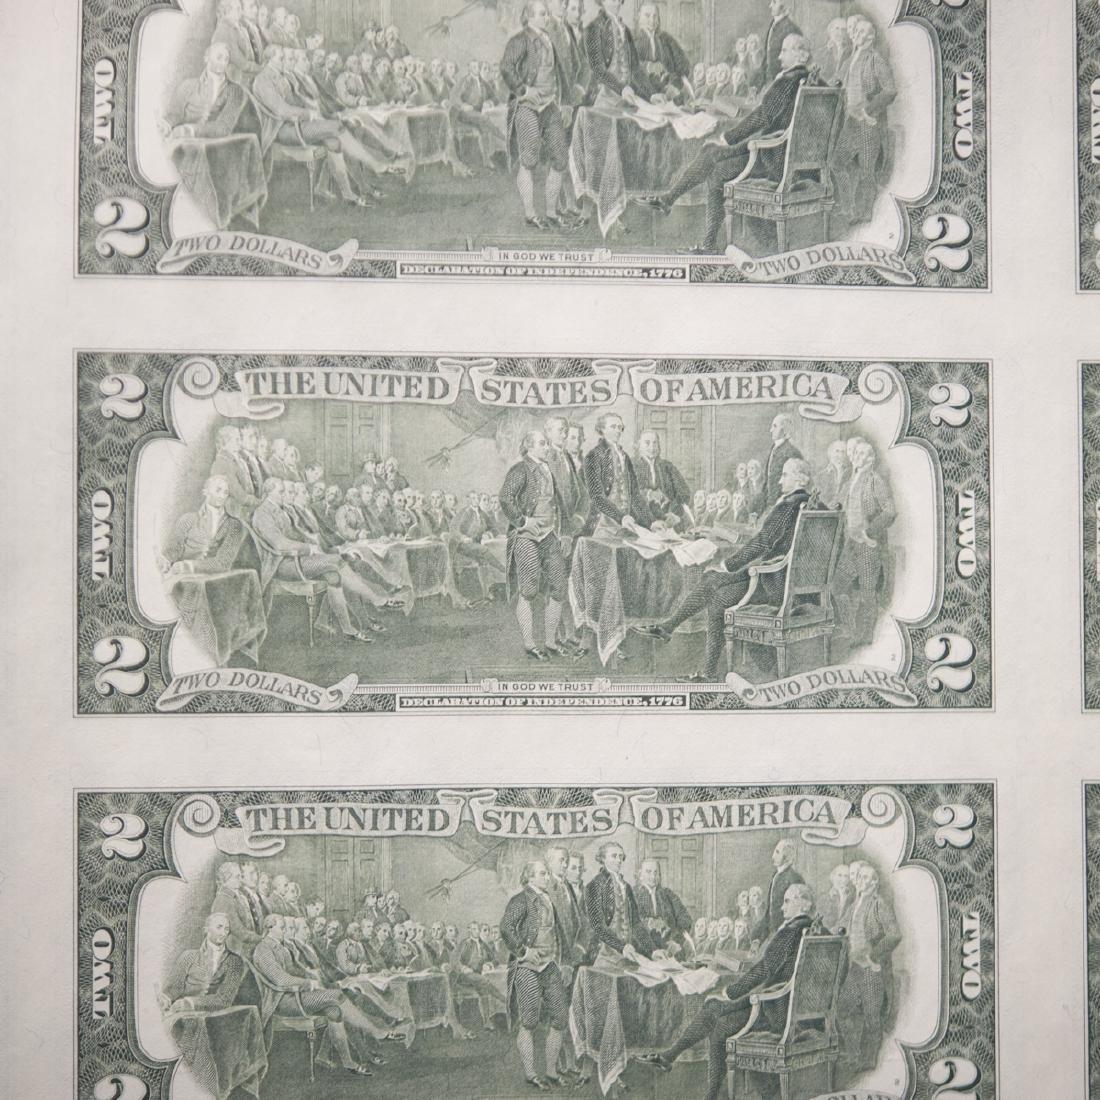 1976 Uncut $2.00 Bills - 5